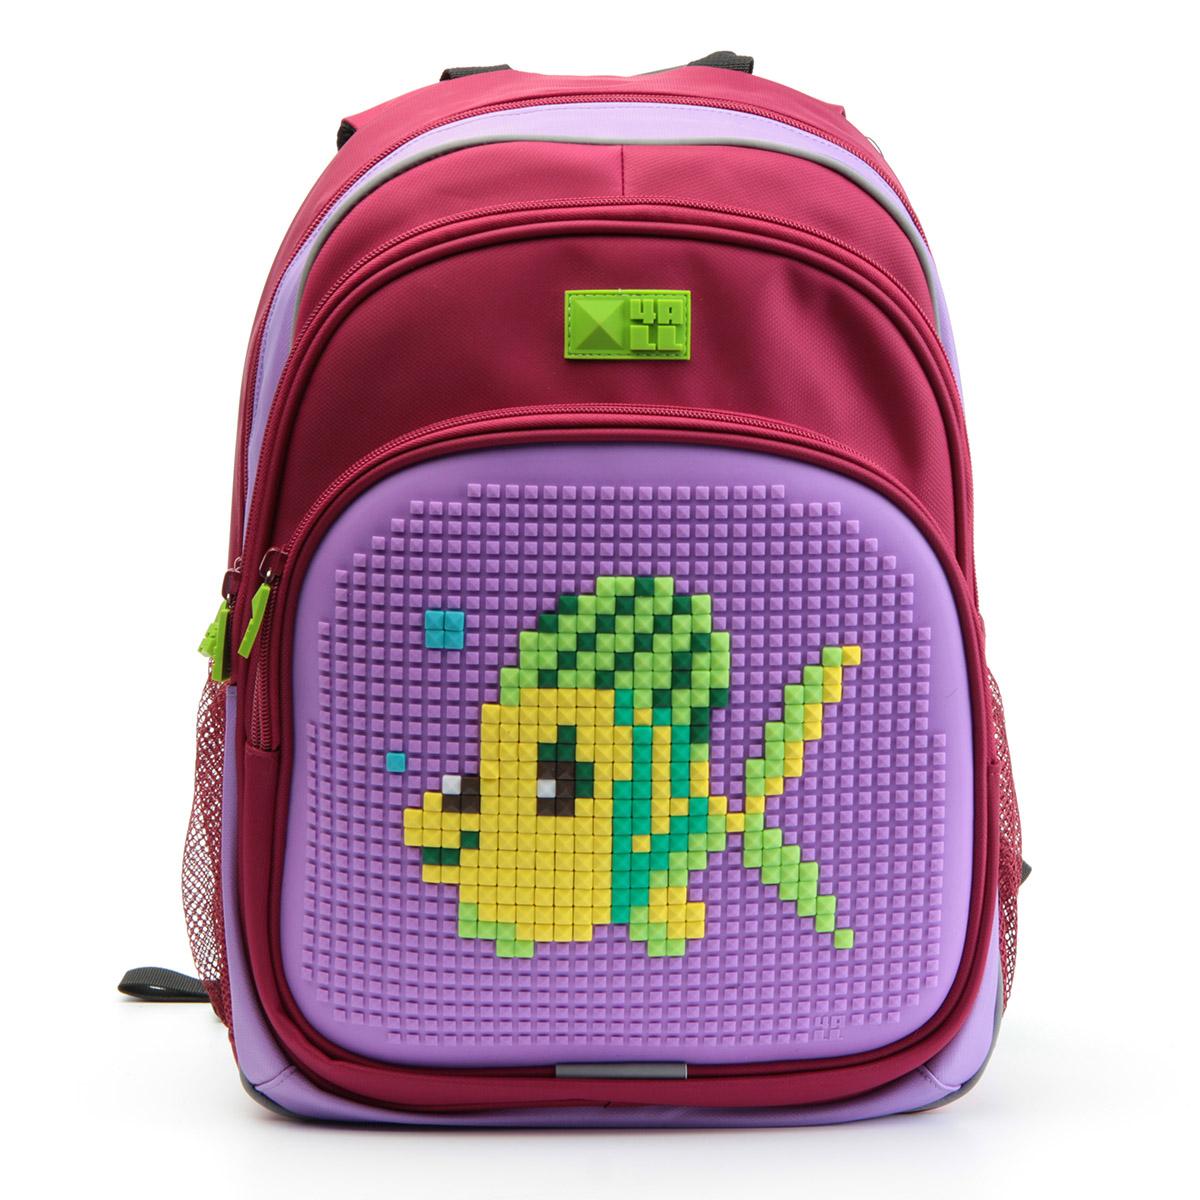 4ALL Рюкзак Kids цвет малиновый сиреневыйRK61-04NРюкзак 4ALL - это одновременно яркий, функциональный школьный аксессуар и площадка длясамовыражения. Уникальные рюкзаки Kids имеют гипоаллергенную силиконовую панель иразноцветные мозаичные биты, с помощью которых на рюкзаке можно создавать графическиешедевры хоть каждый день!Модель выполнена из полиэстера с водоотталкивающейпропиткой. Рюкзак имеет 2 отделения, снаружи расположены 3 кармана (передний - на молнии,боковые - сетчатые). Система Air Comfort System обеспечивает свободную циркуляцию воздухамежду задней стенкой рюкзака и спиной ребенка. Система Ergo System служит равномерномураспределению нагрузки на спину ребенка, сохранению правильной осанки. Она способна сделатьрюкзак, наполненный учебниками, легким.Ортопедическая спинка как корсет поддерживаетпозвоночник, правильно распределяя нагрузку. Простая и удобная конструкция спины и лямокпозволяет использовать рюкзак даже деткам от 3-х лет.Светоотражающие вставки отвечаютза безопасность ребенка в темное время суток.В комплекте 1 упаковка разноцветныхпикселей-битов и инструкция для создания базовой картинки. Работа с мелкимибитами позволяет дополнительно развивать мелкую моторику рук малыша.